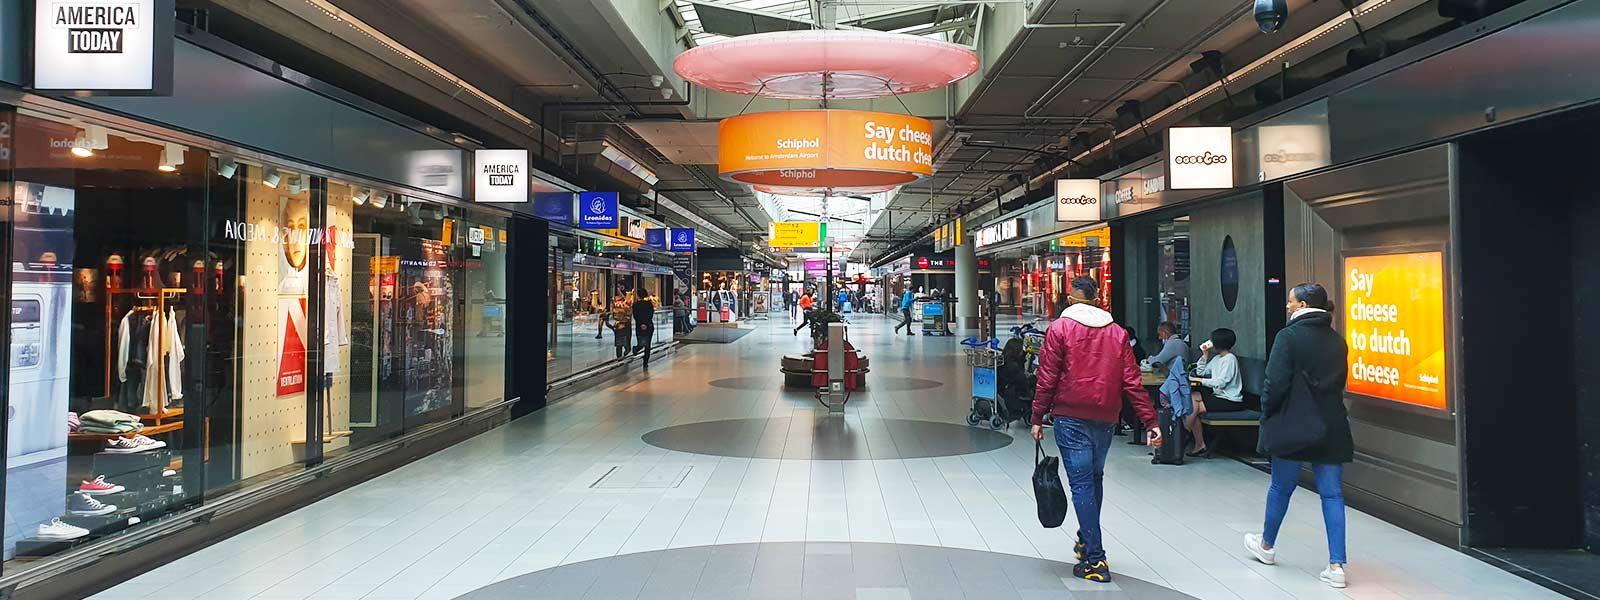 Winkelen op Schiphol Plaza nadat je een goedkoop vliegticket hebt geboekt.